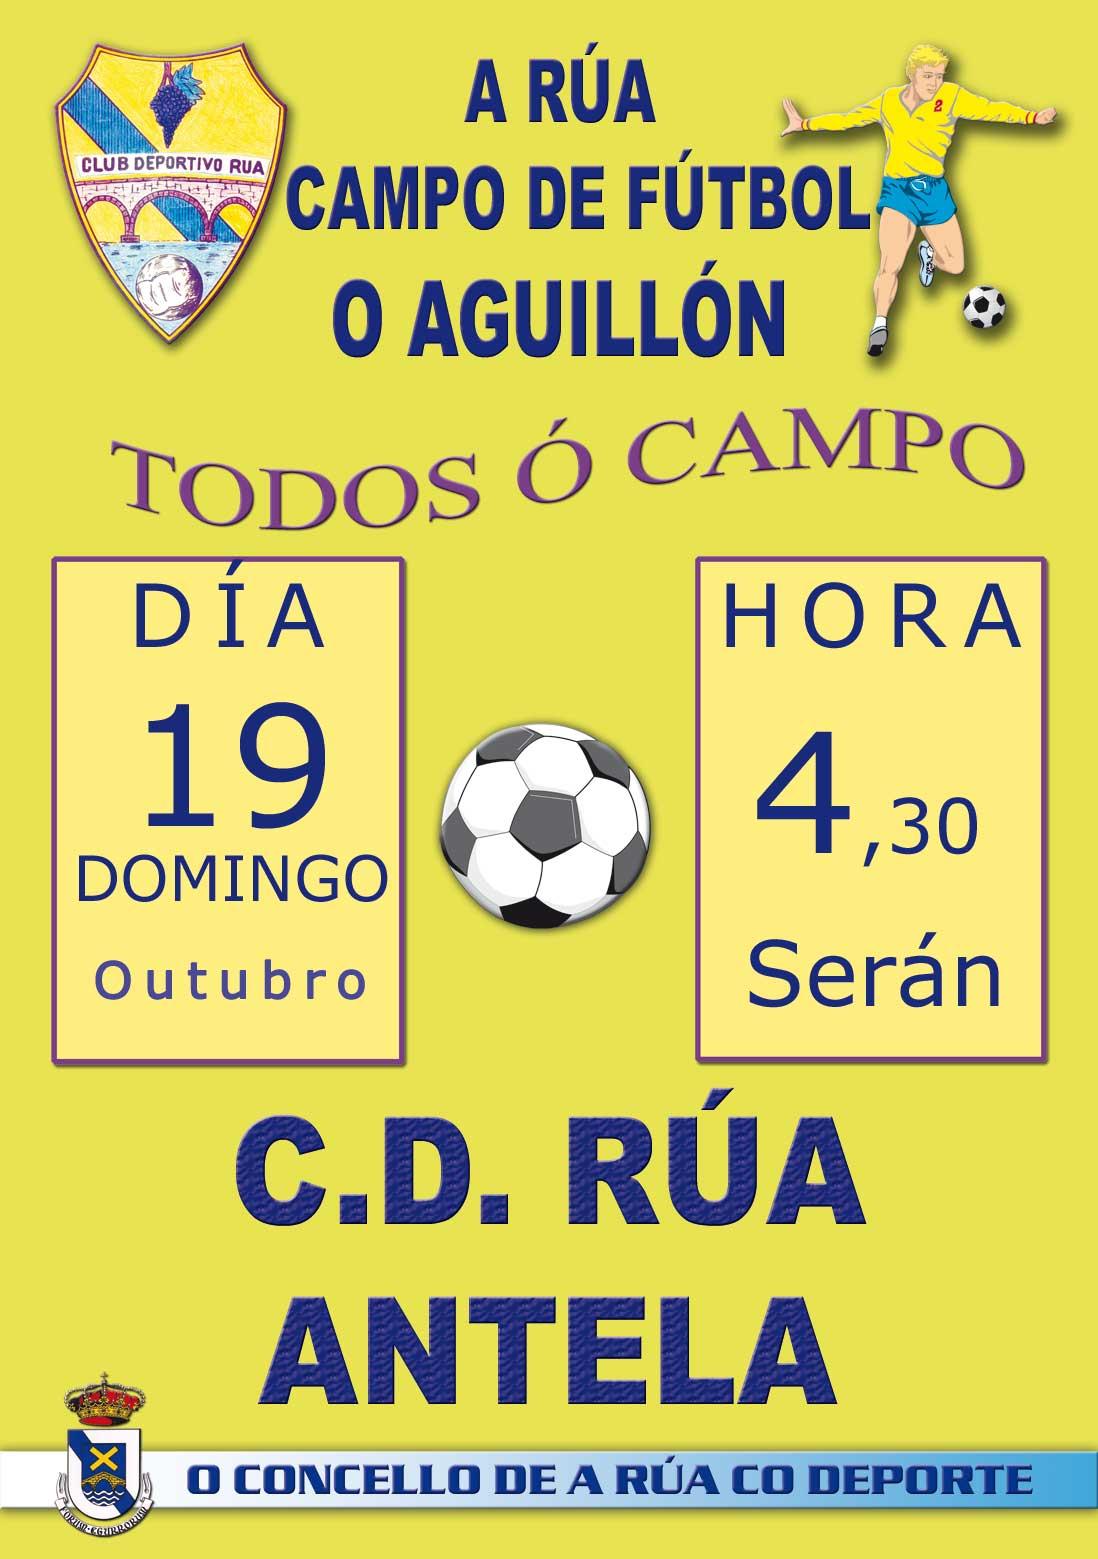 rua_antela